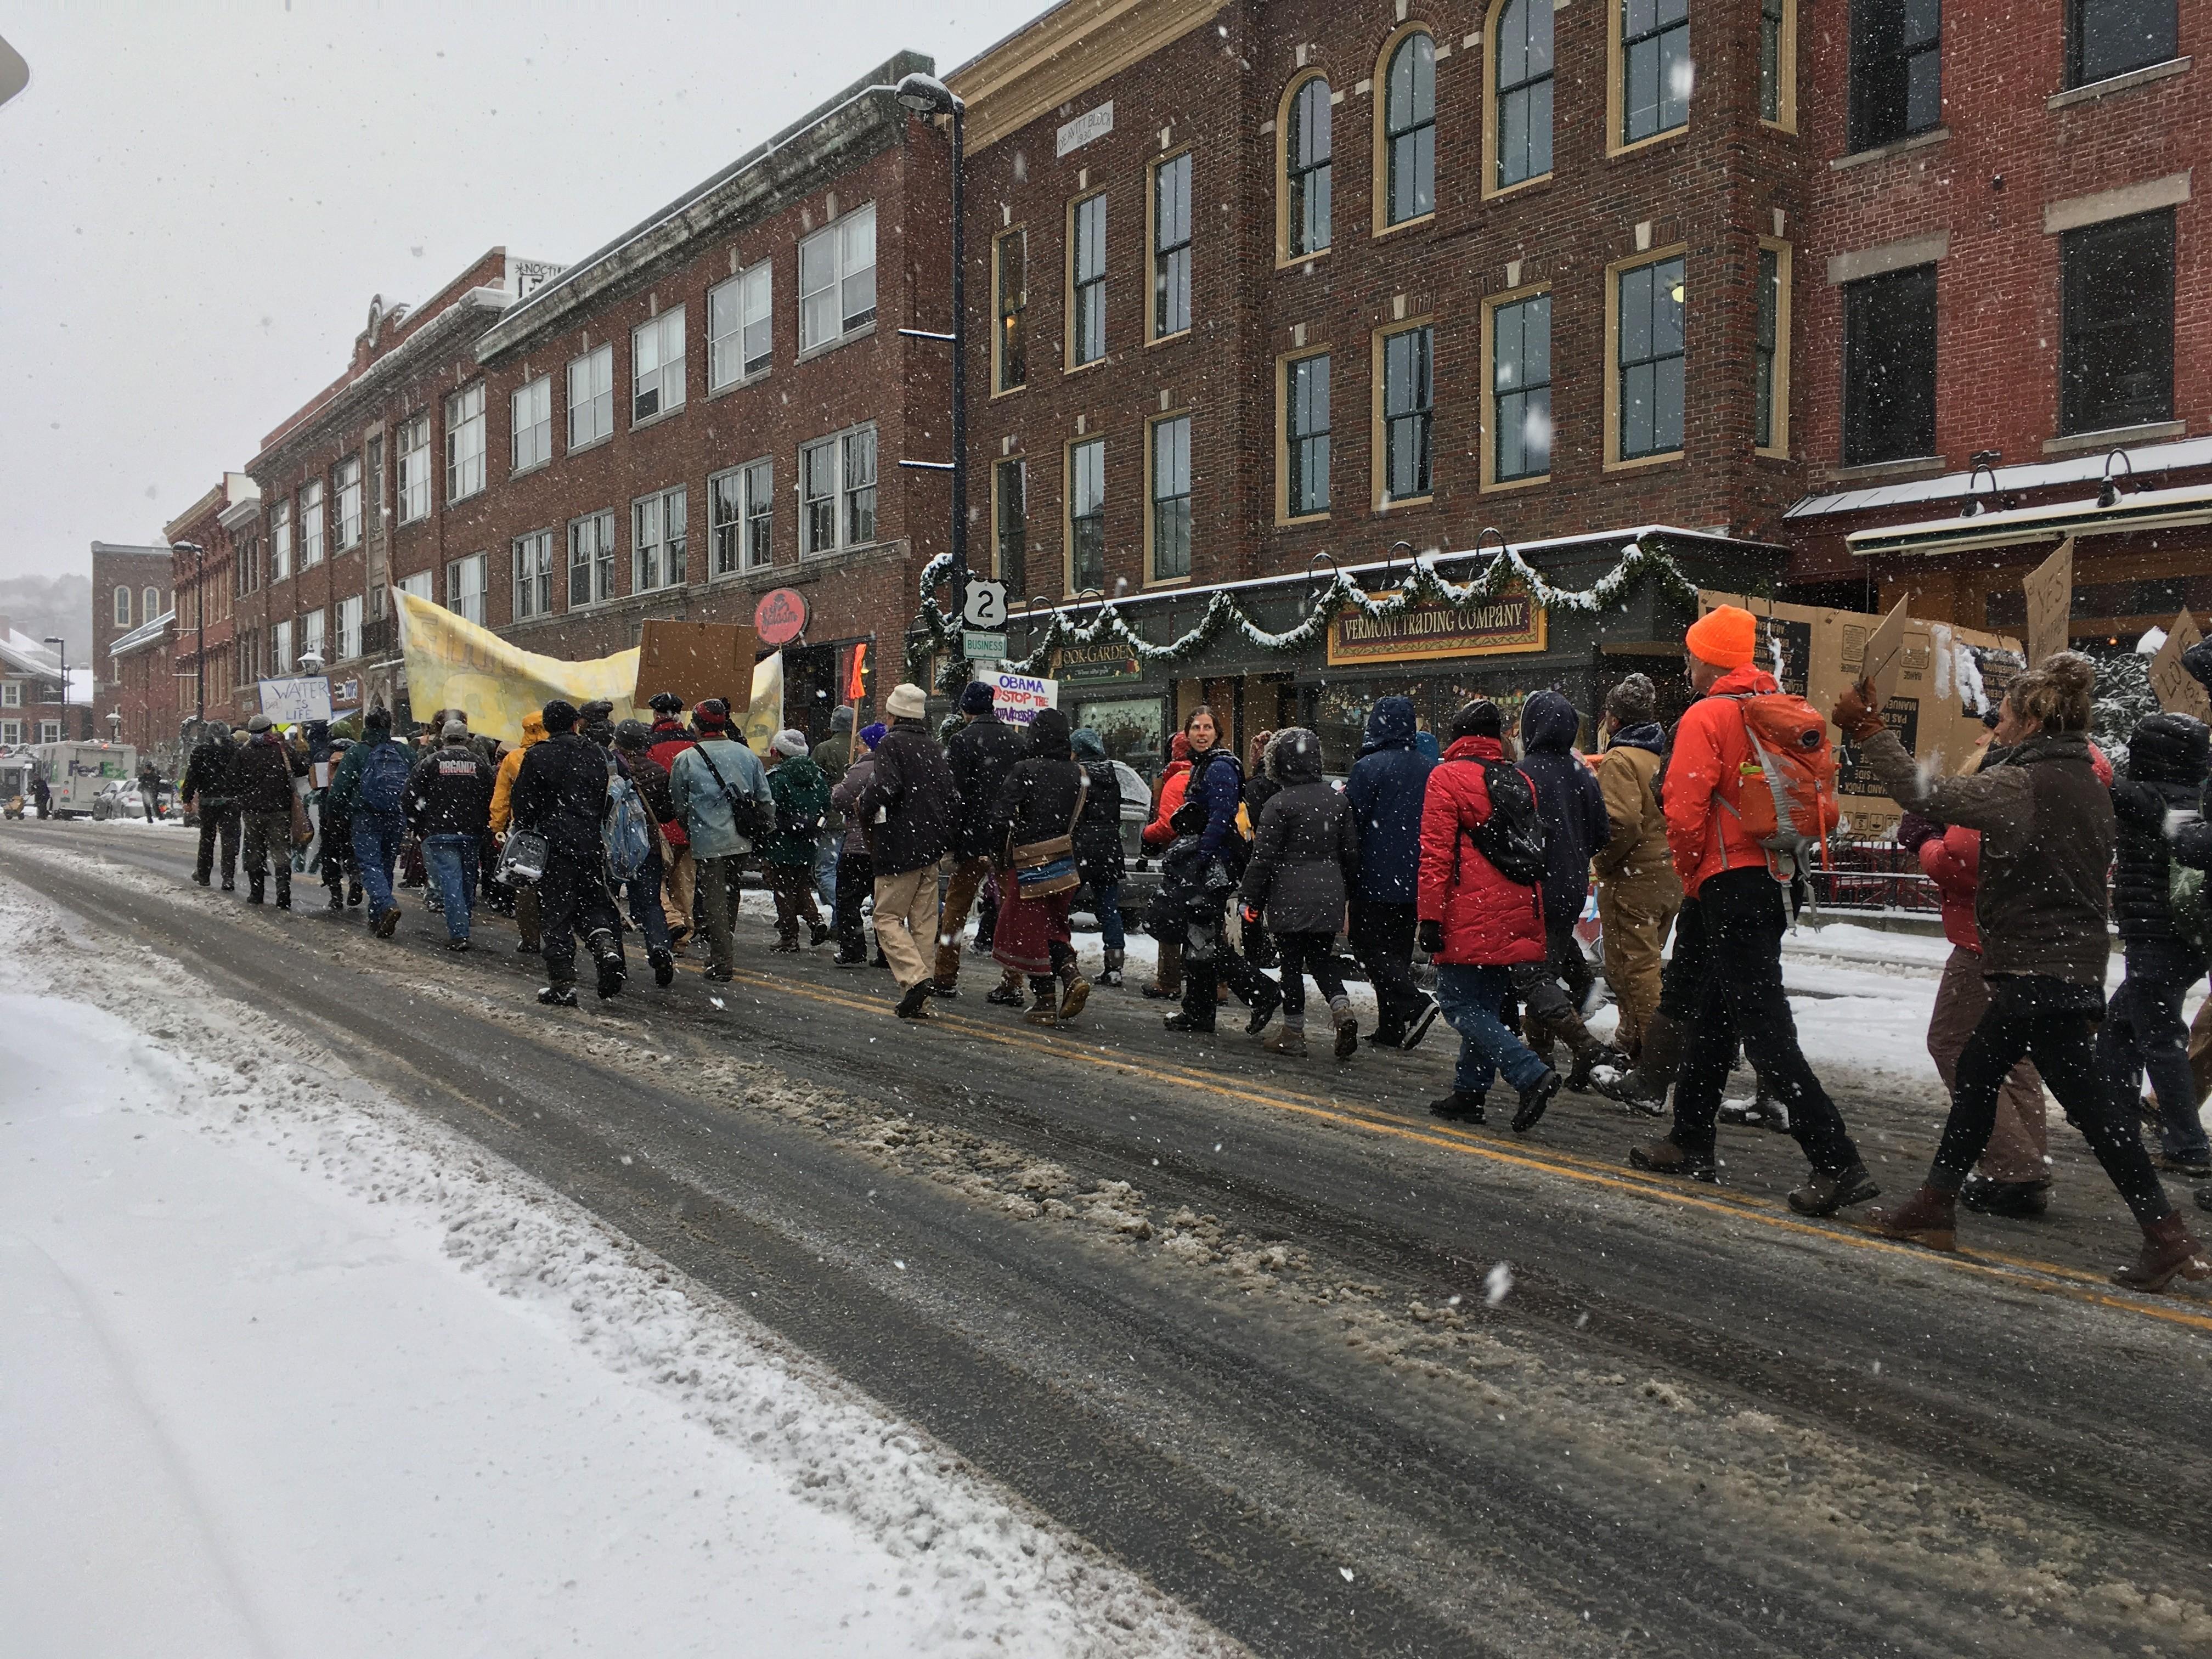 Dakota Access Pipeline Opponents March on TD Bank in Montpelier